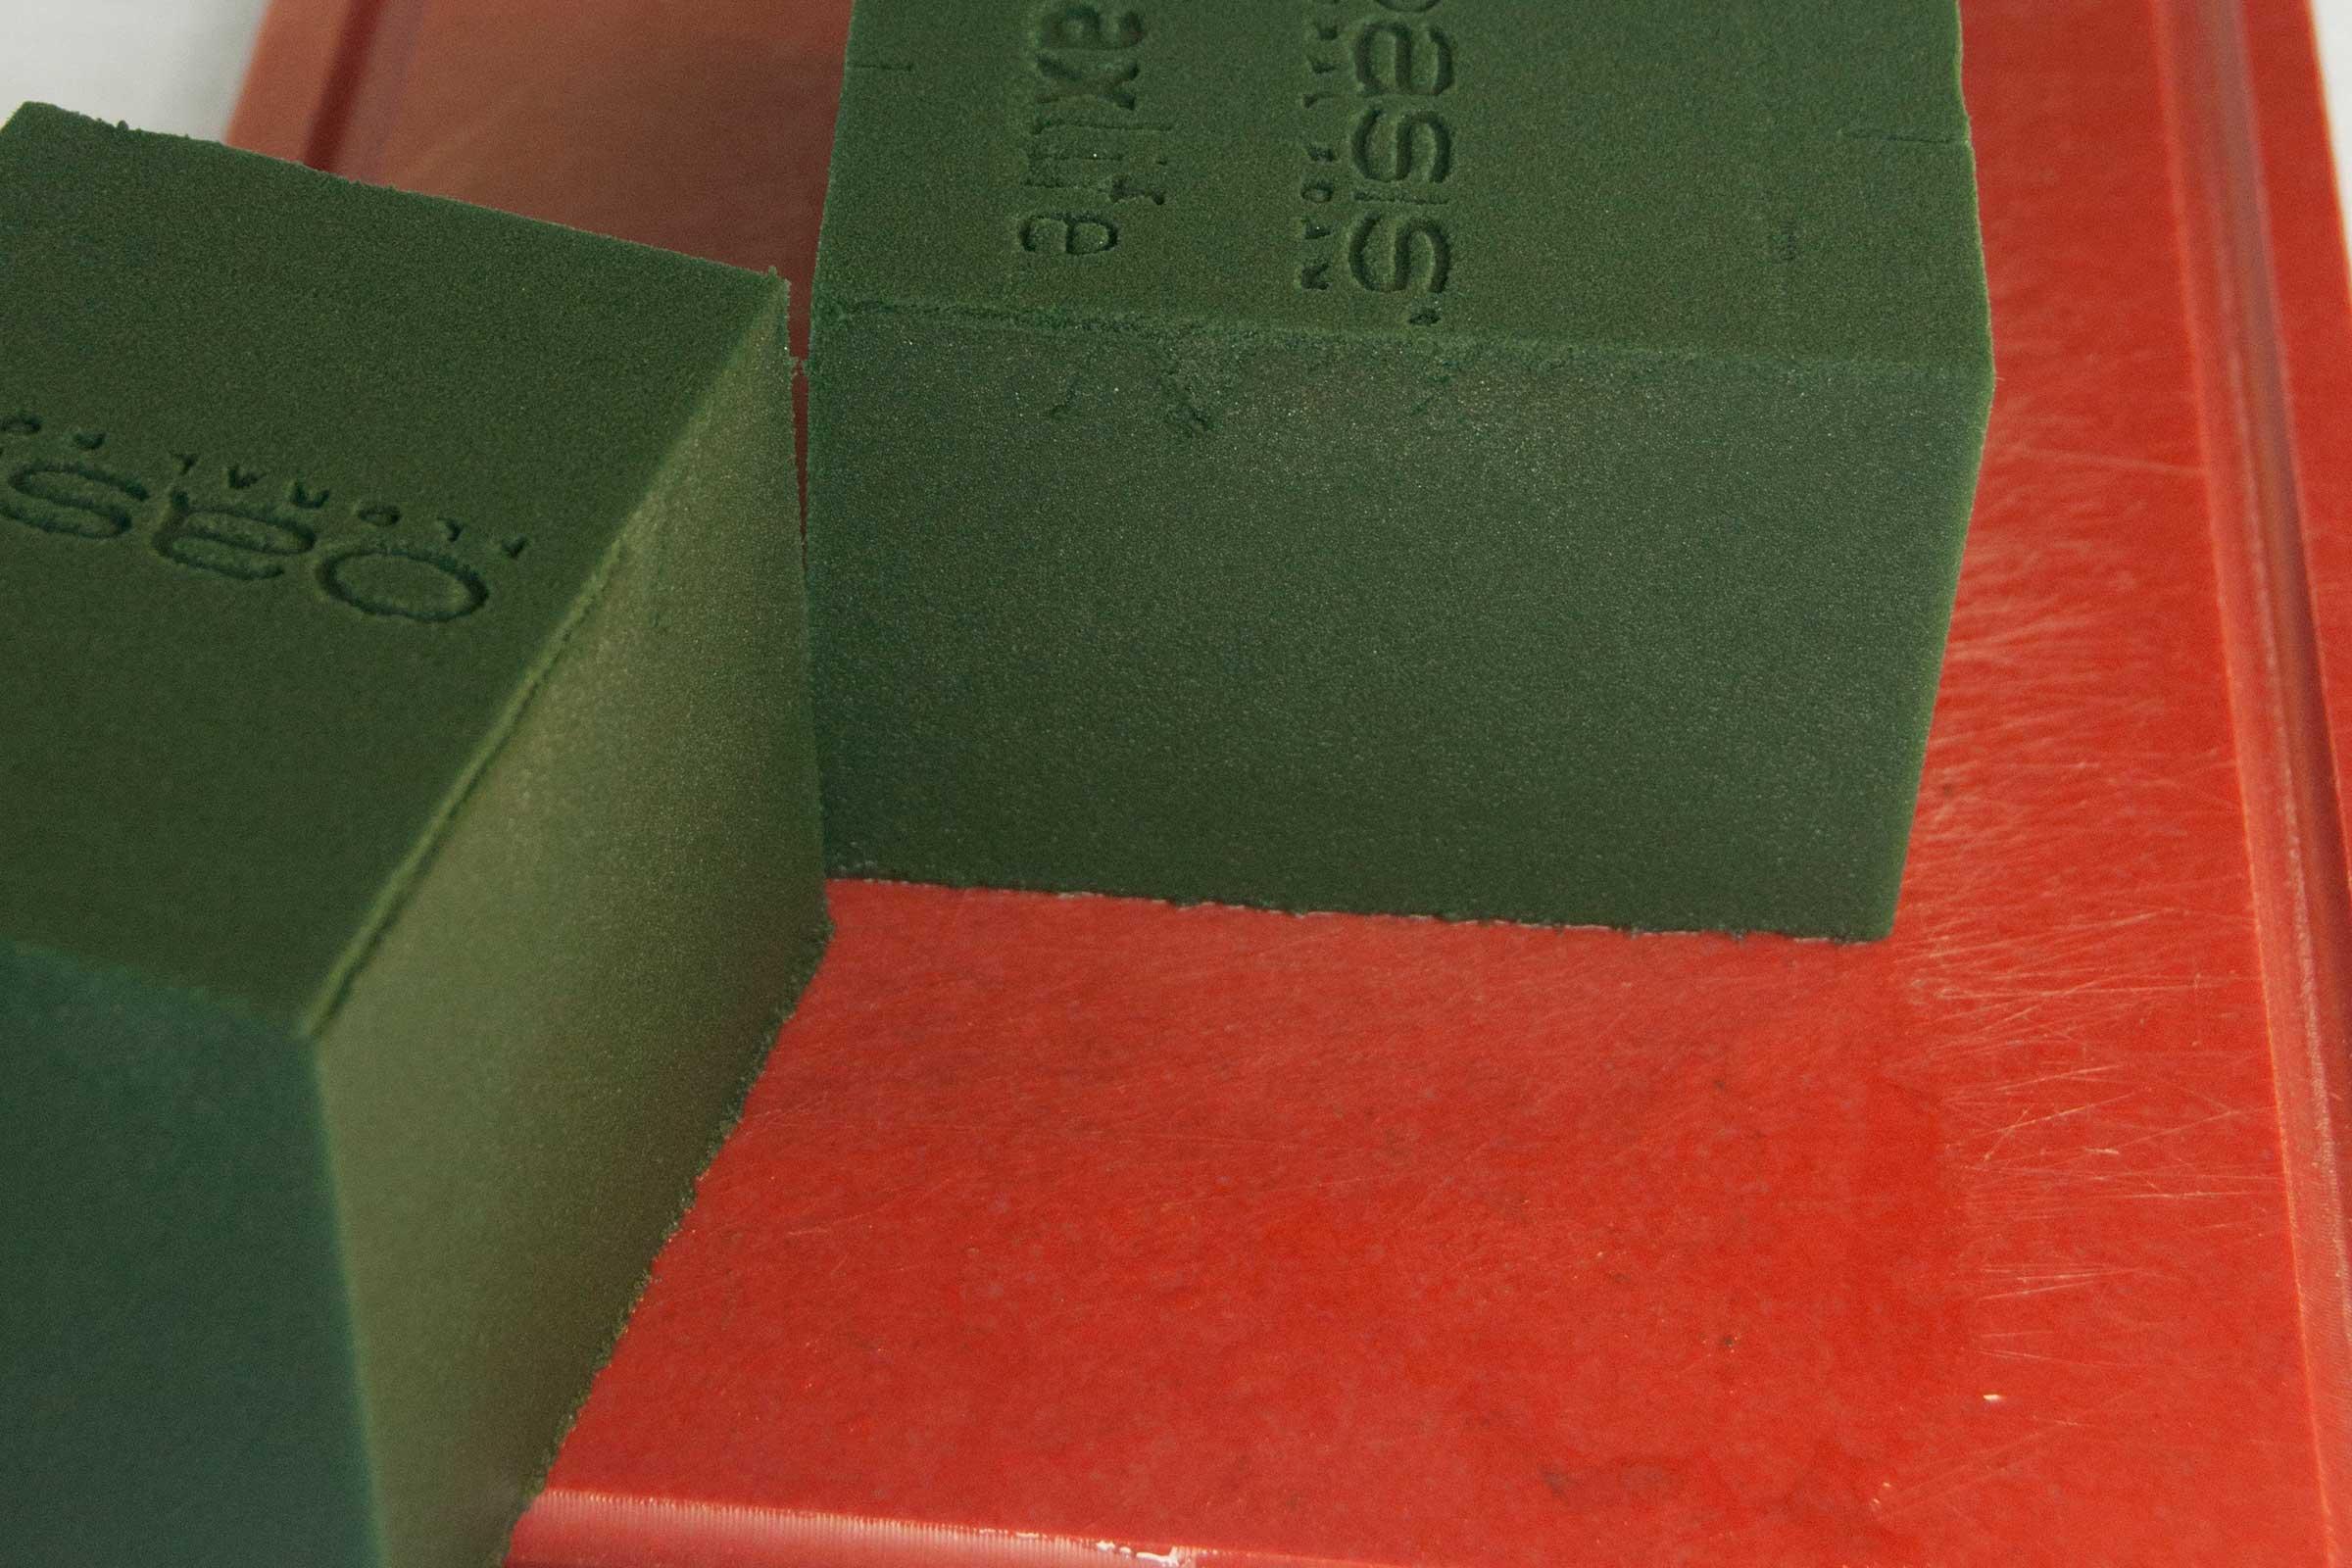 doorgesneden blok laat volledige doordrenking zien